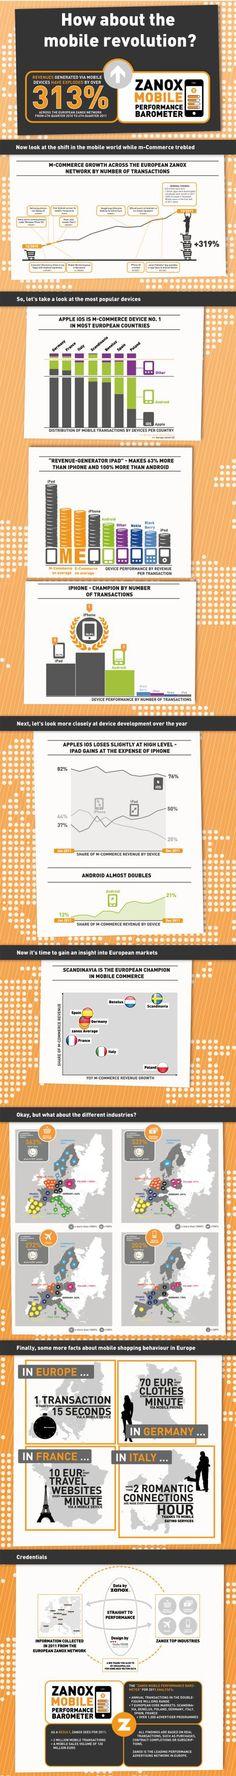 Mobile revolution | Lees onze artikelen op http://vonbrink.nl/nieuws